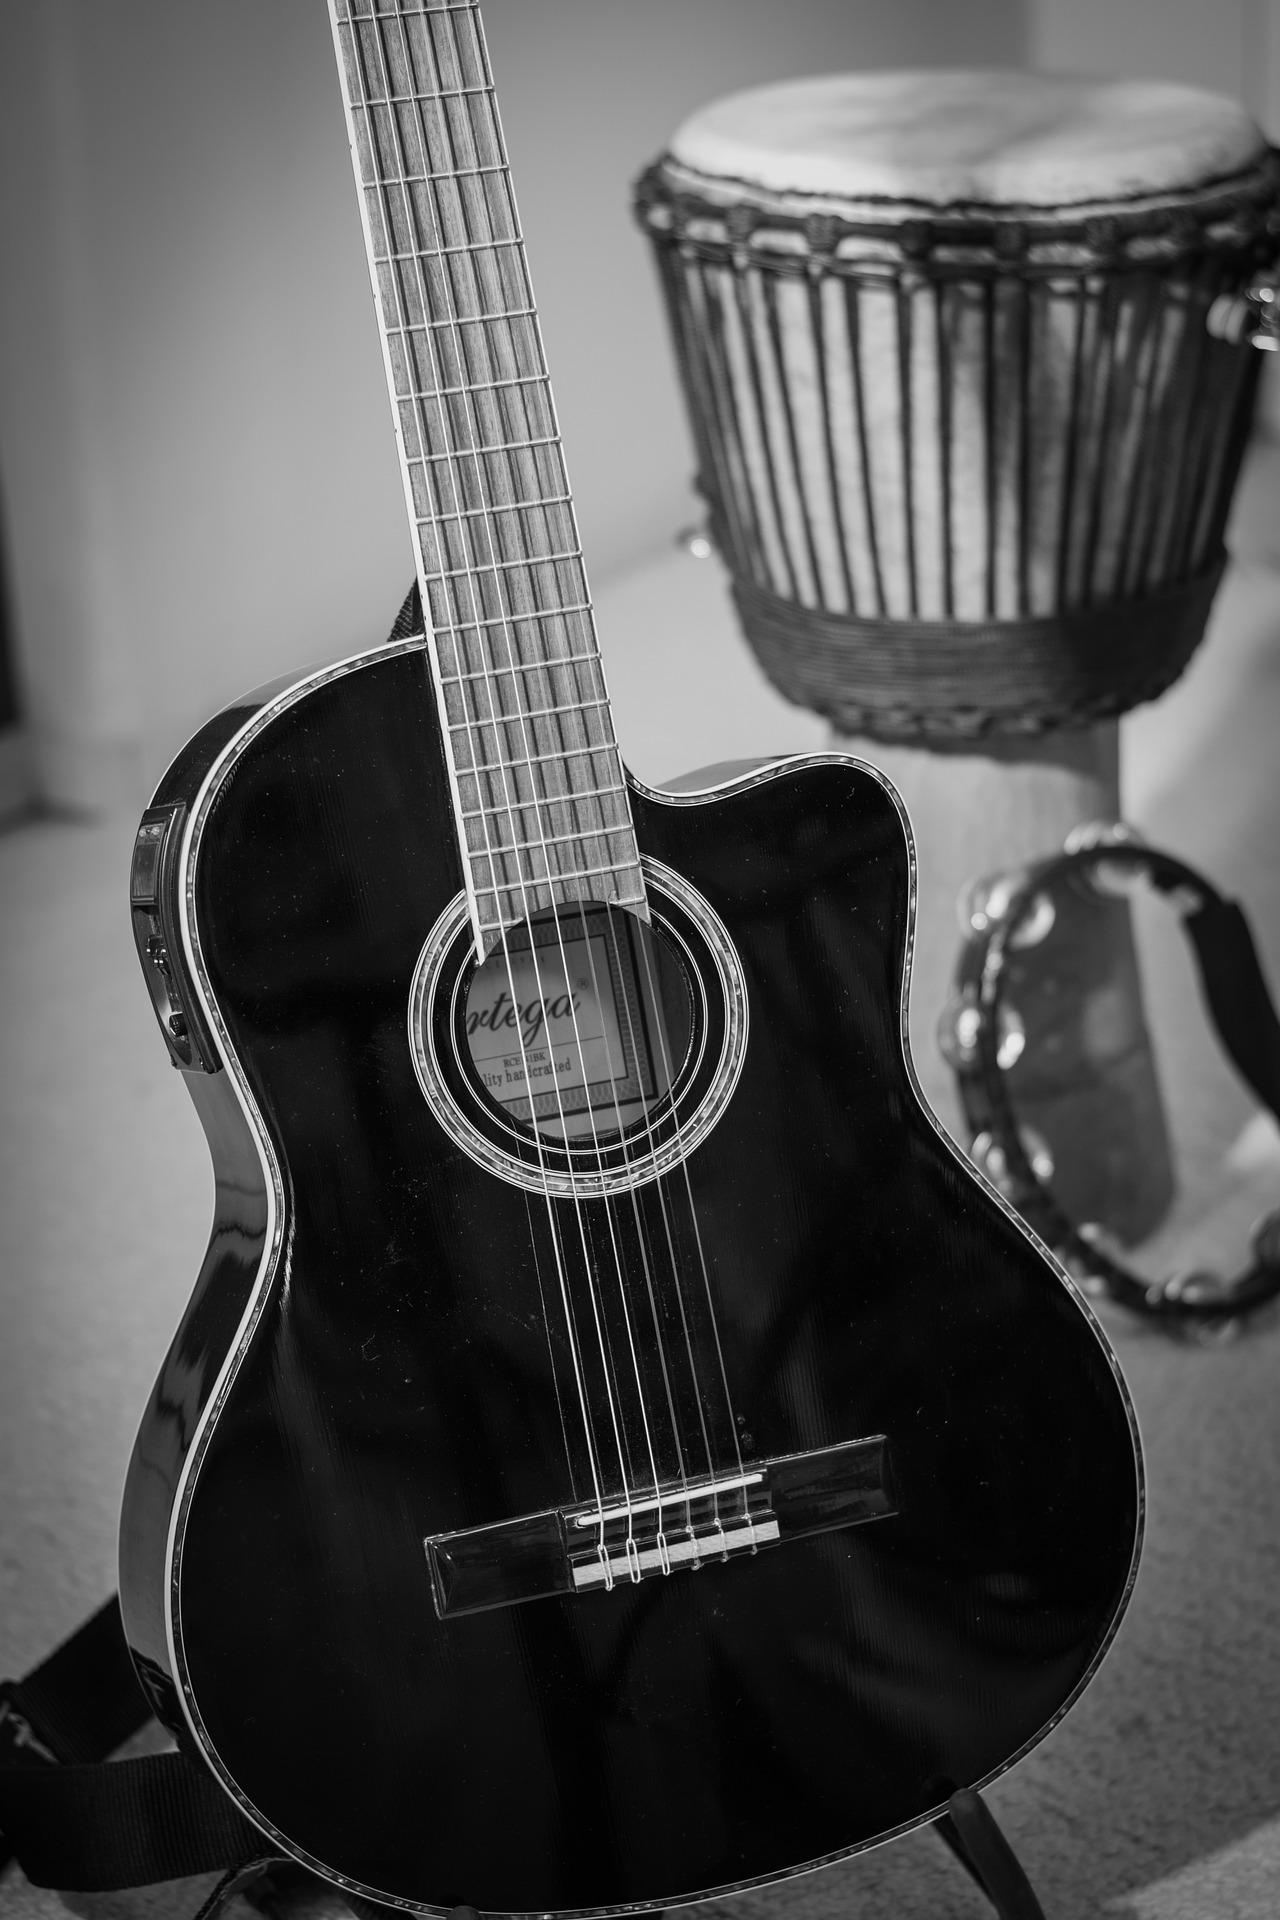 guitar-1159503_1920